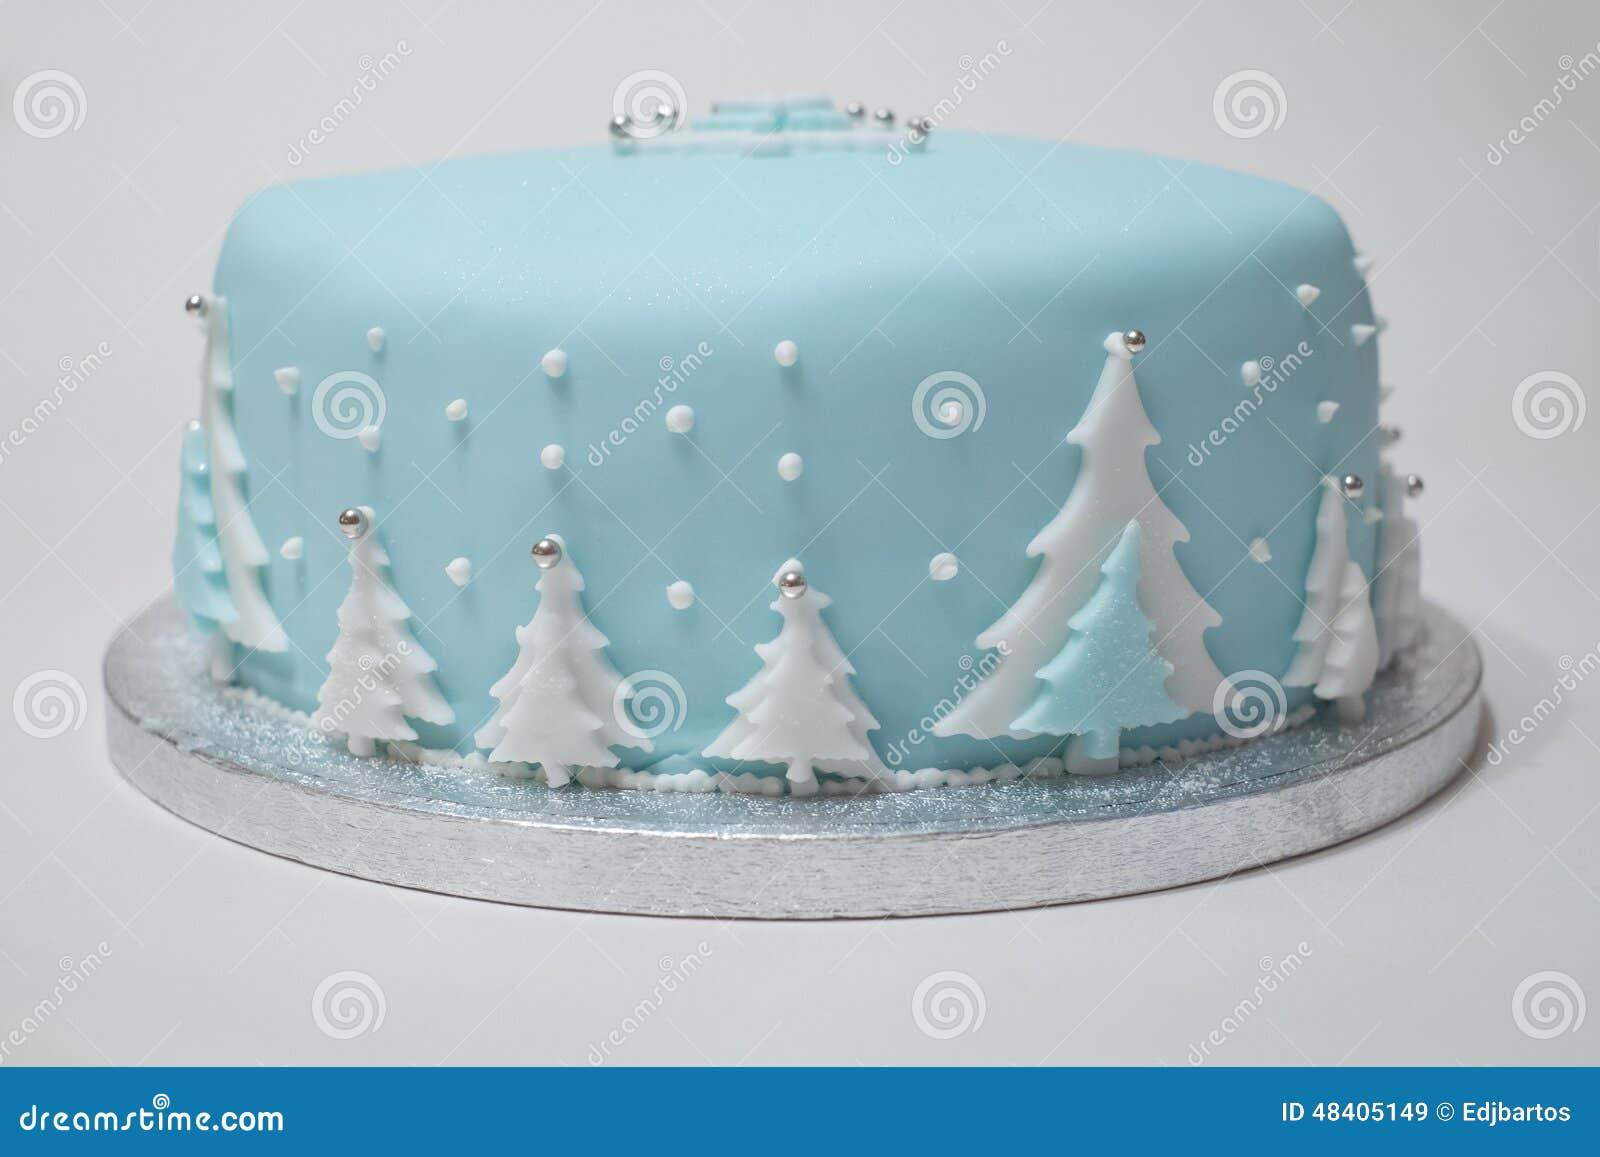 圣诞节蛋糕